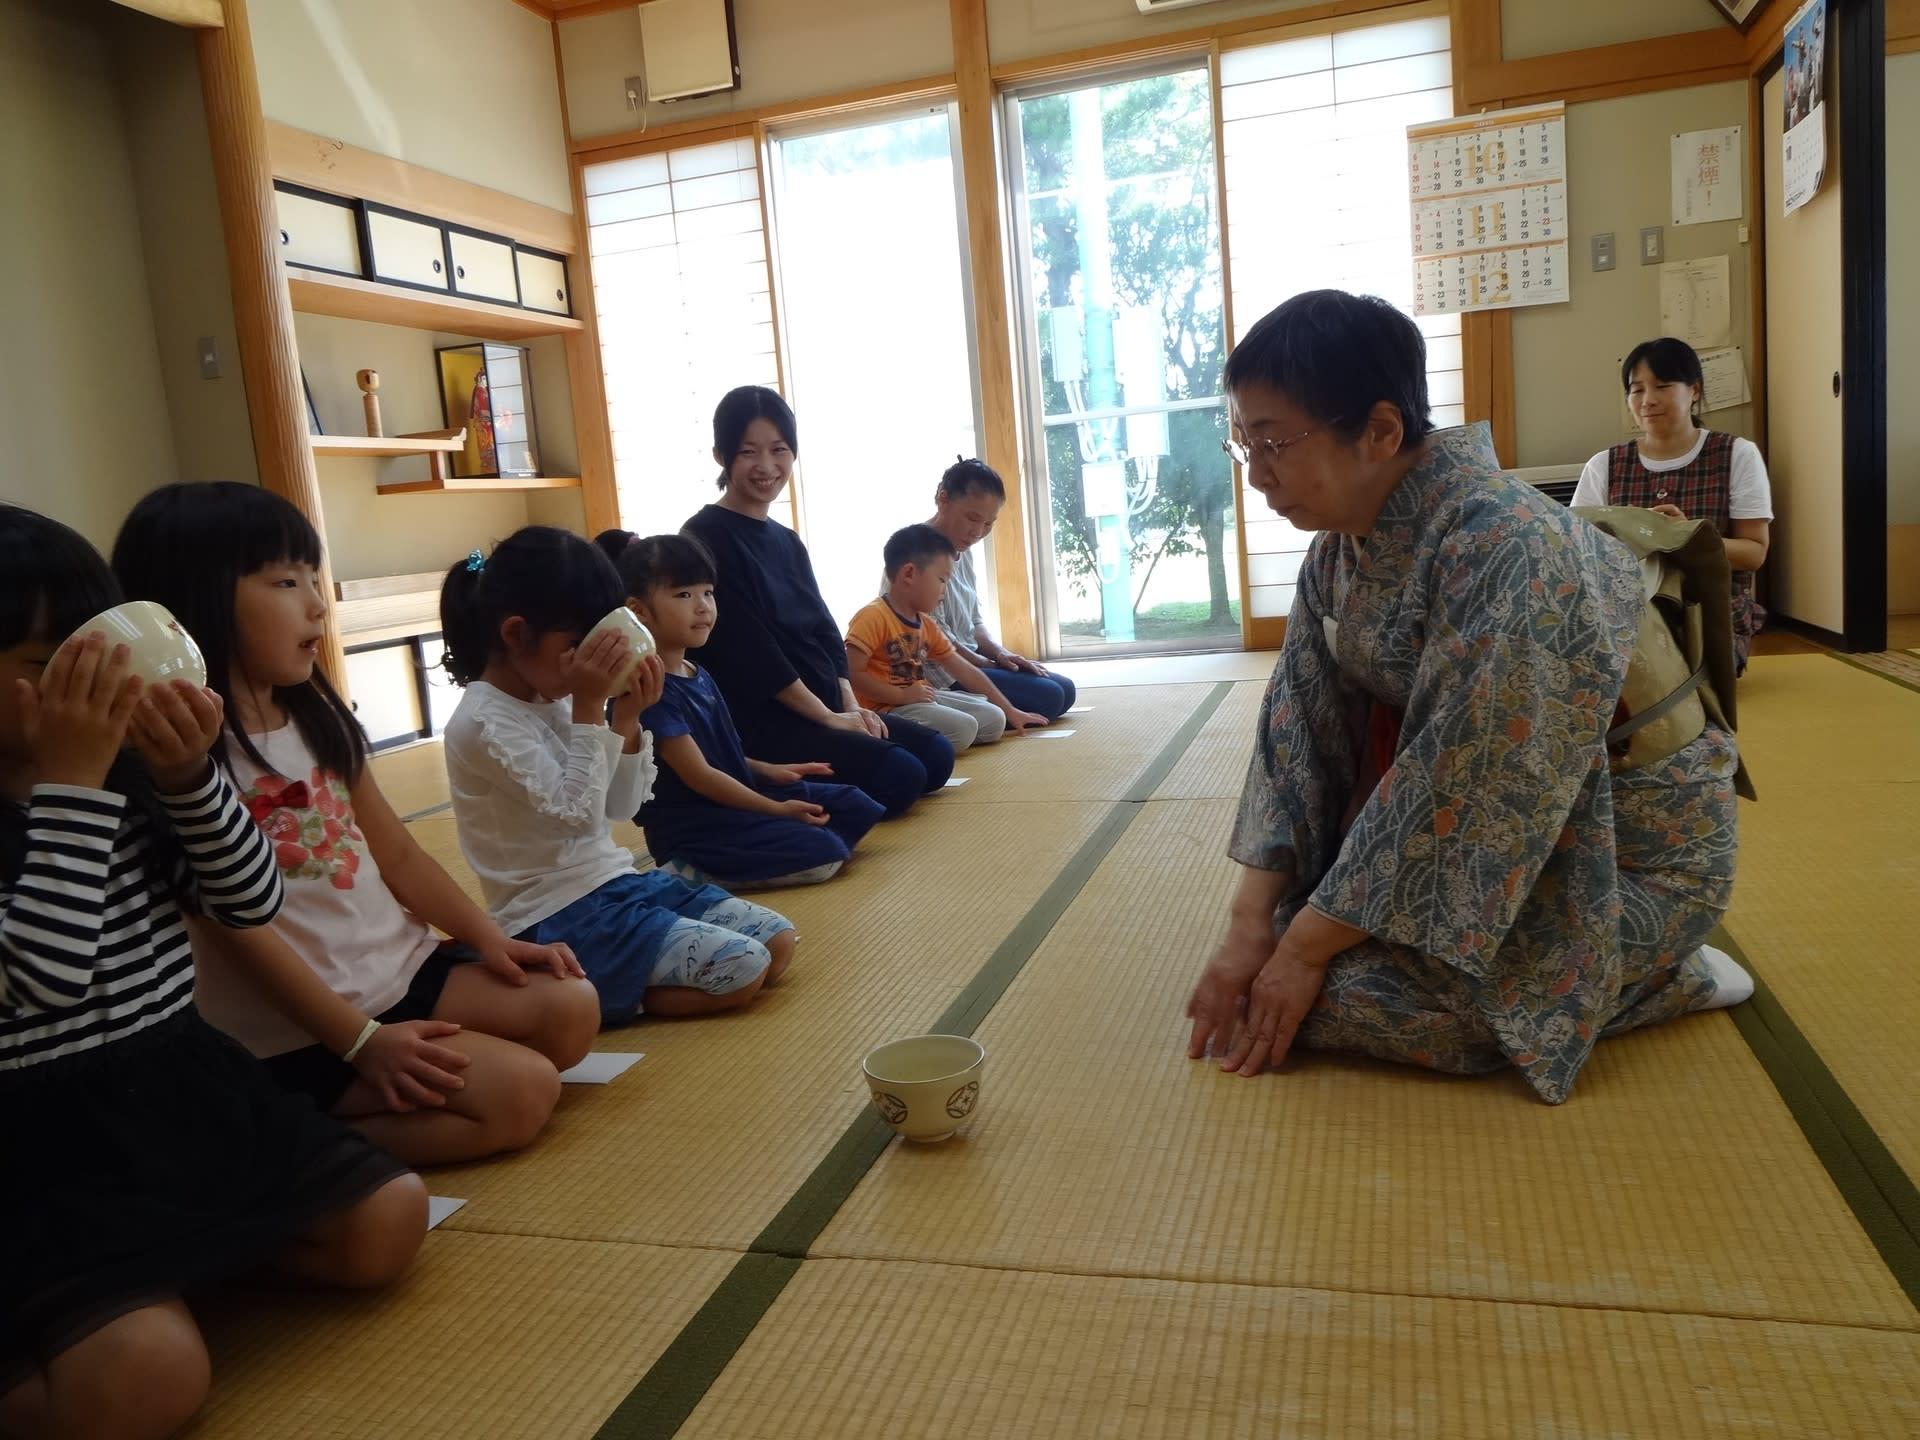 保育園の茶道教室